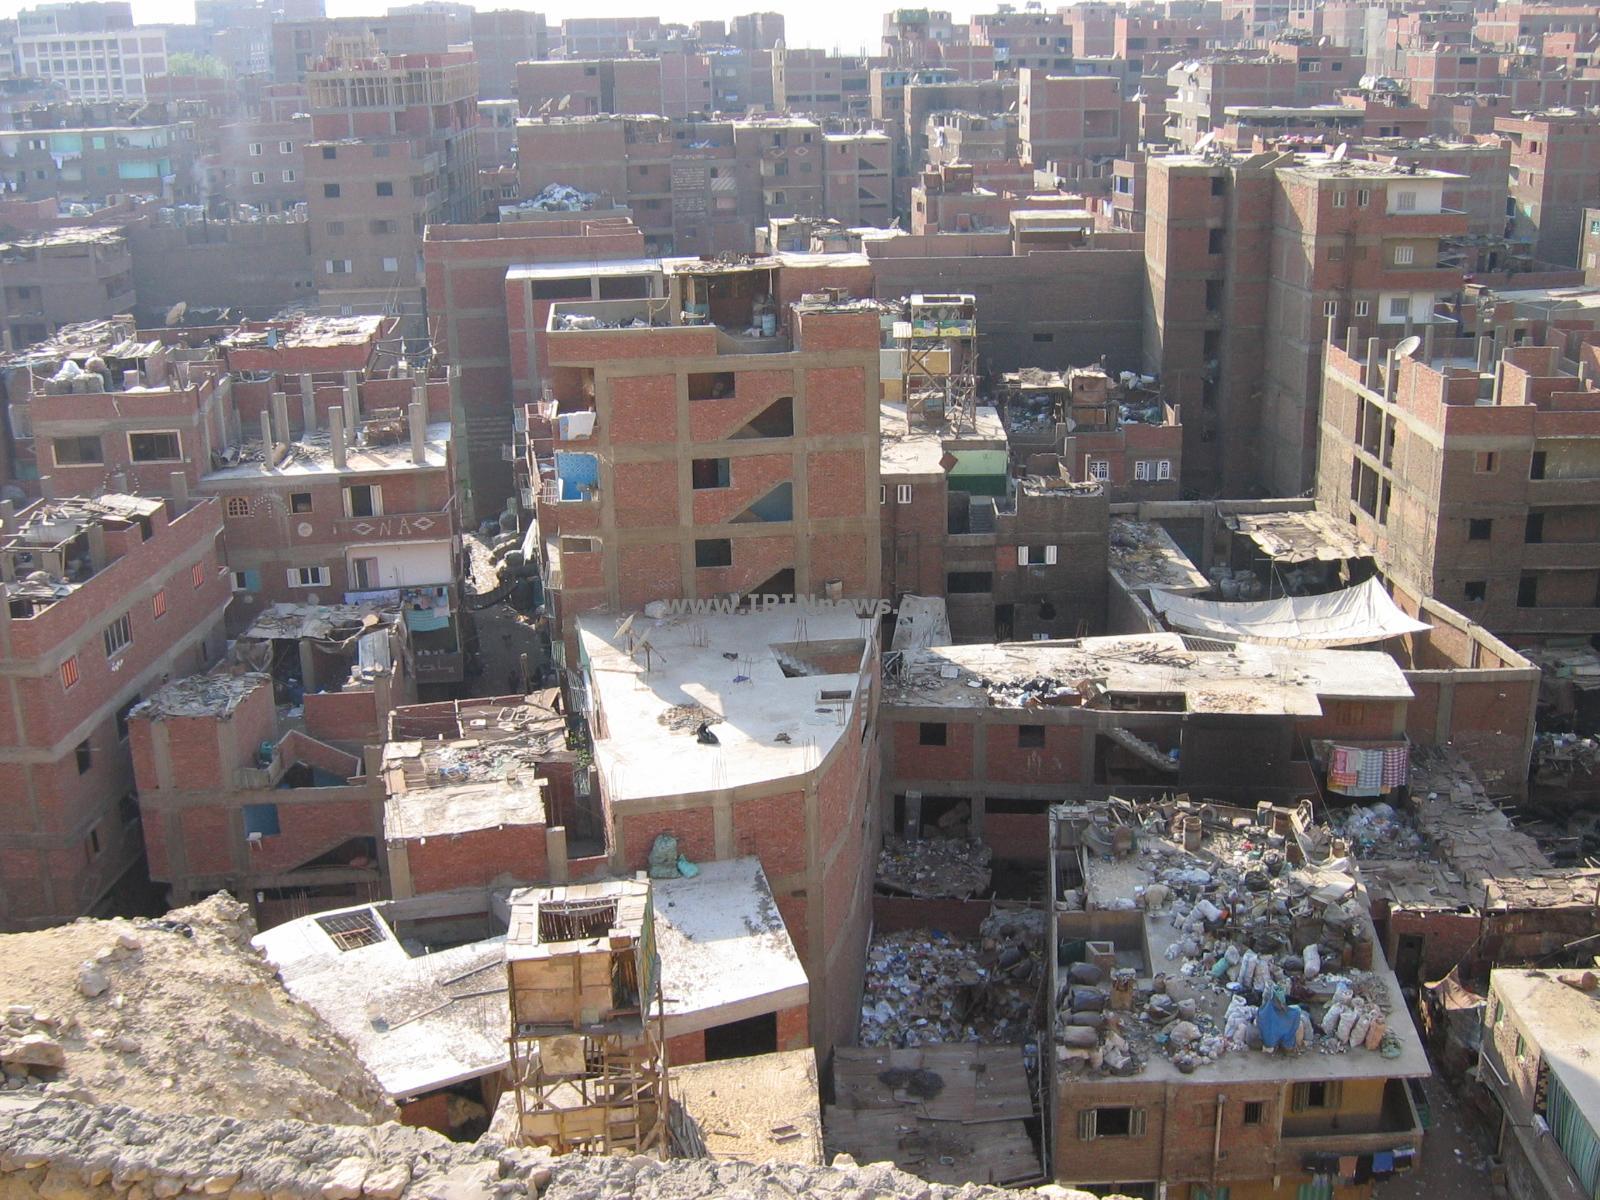 بالصور بحث عن العشوائيات في مصر 20160724 553